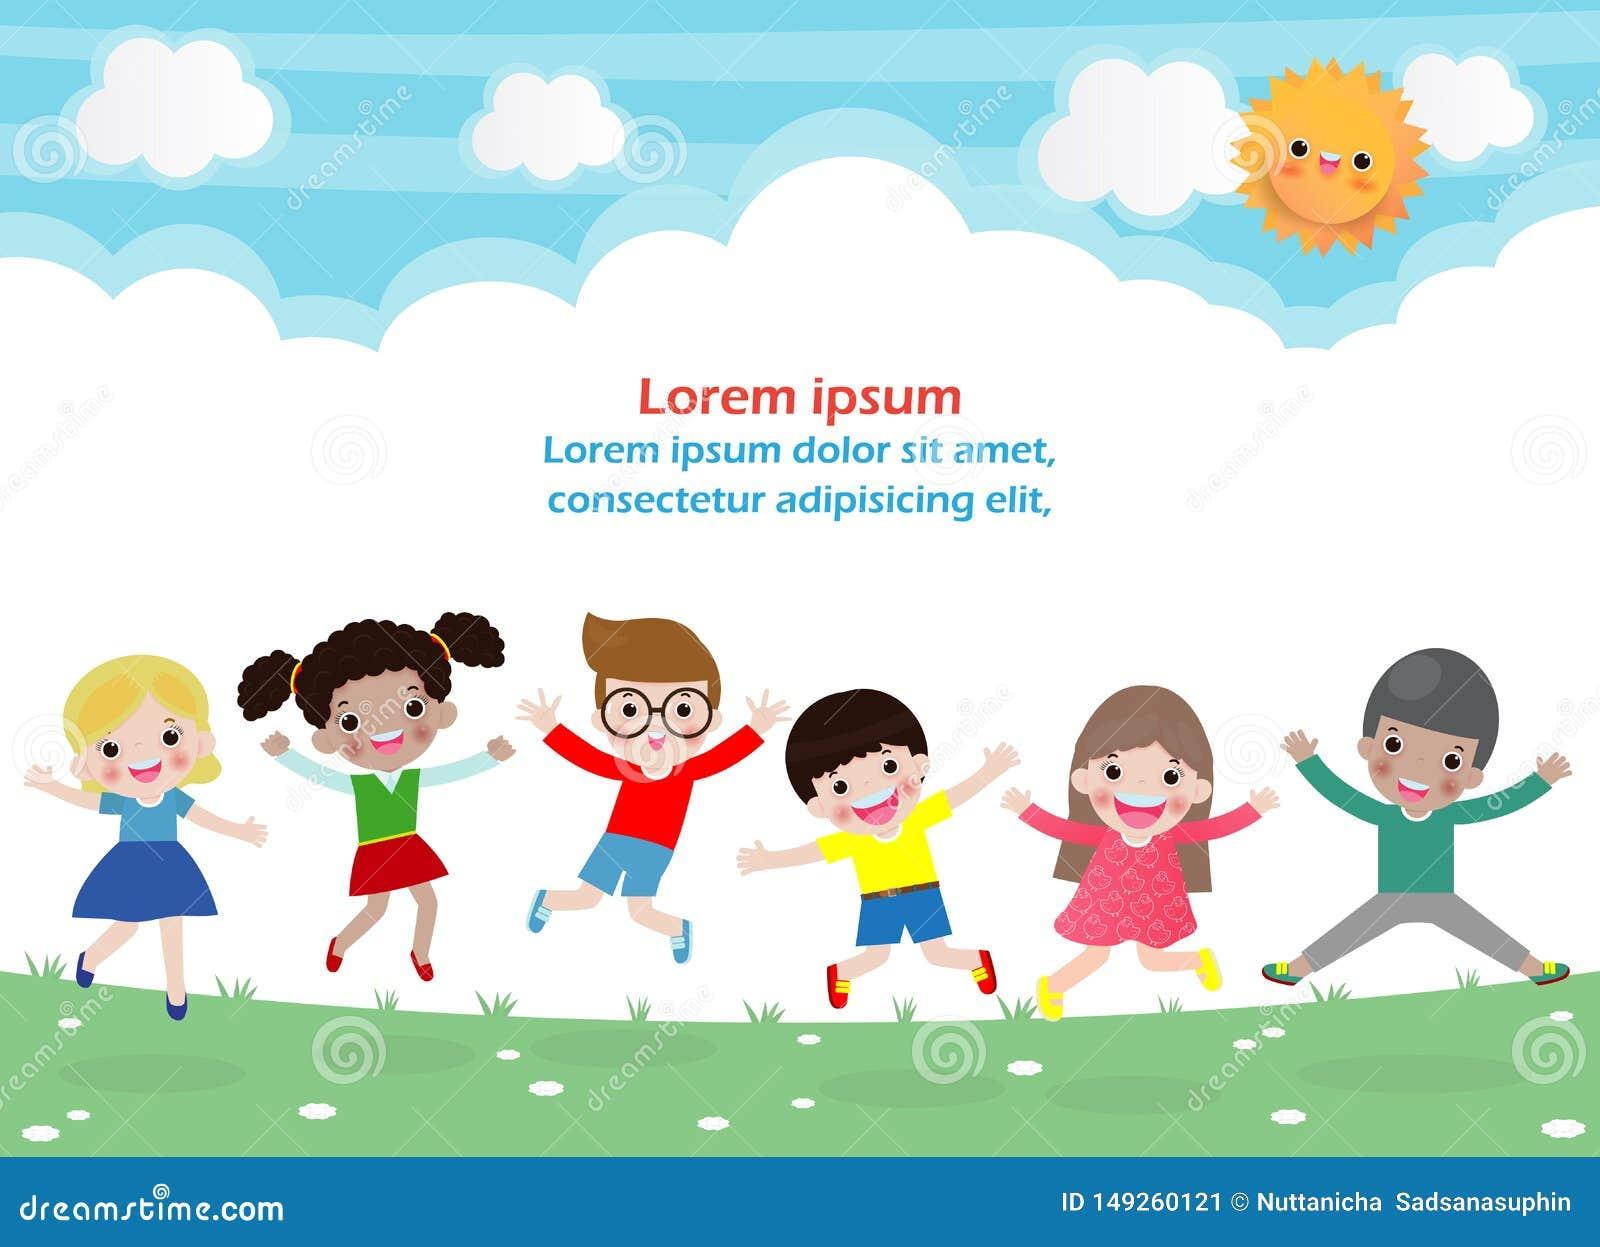 I bambini che saltano sul parco, bambini saltano con la gioia, bambino felice che gioca sul campo da giuoco, modello isolato del